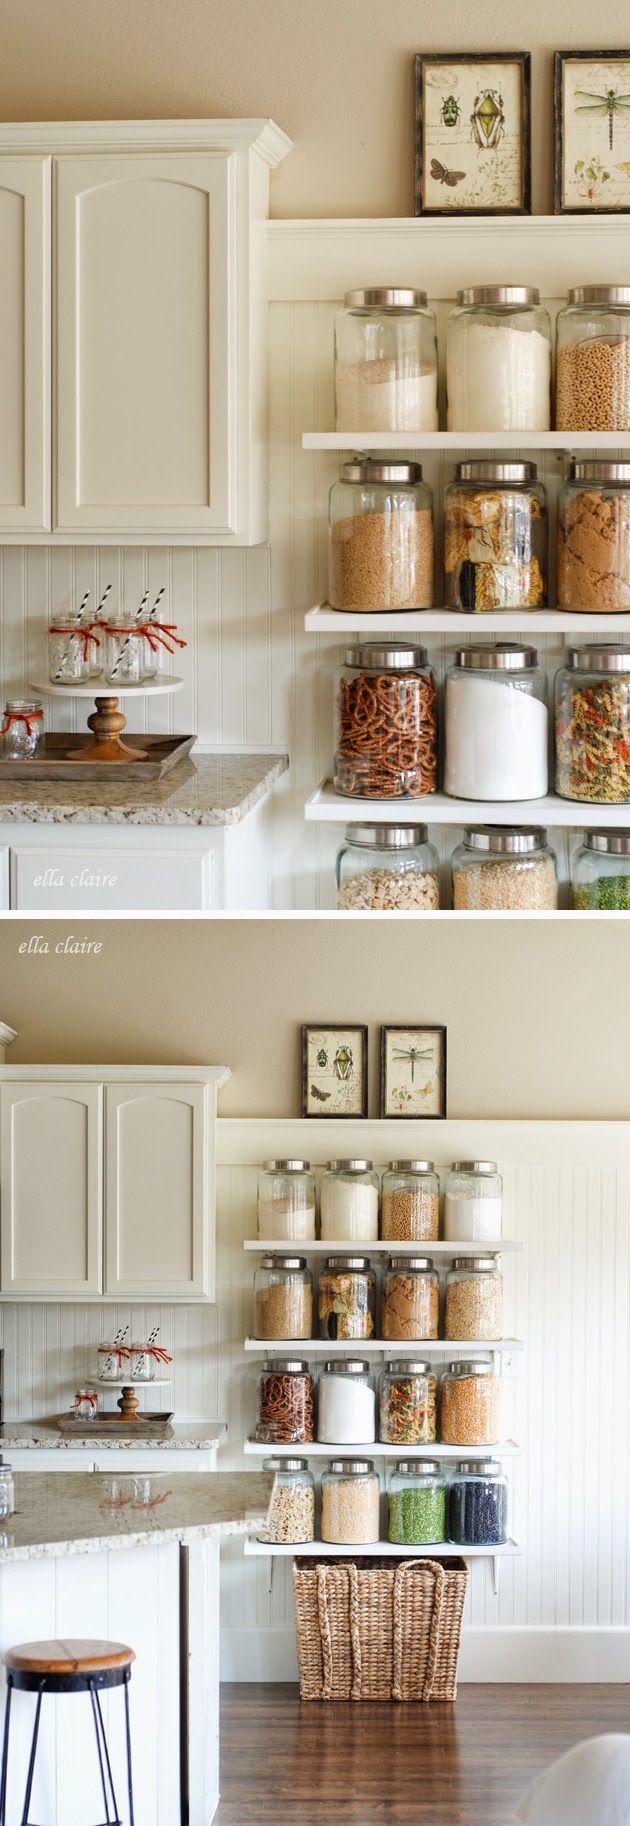 7 id es simples et efficaces pour ranger votre cuisine for Astuces cuisine rapide